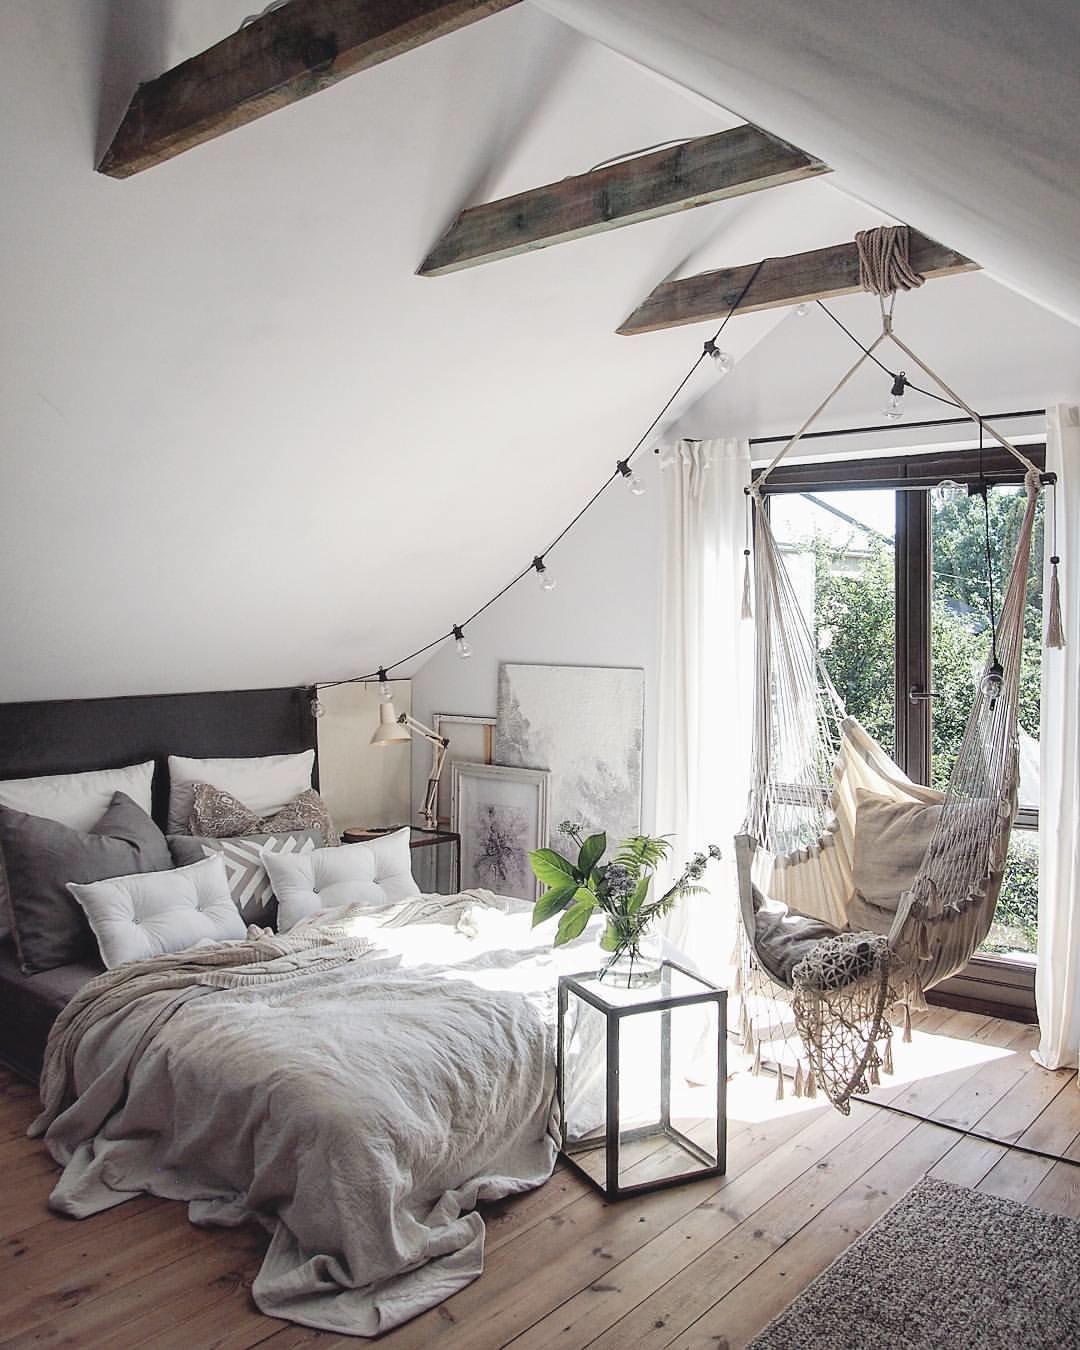 10 Ides Pour Un Espace Cocooning Chambre Gris Beige Inspiration Style Scandinave